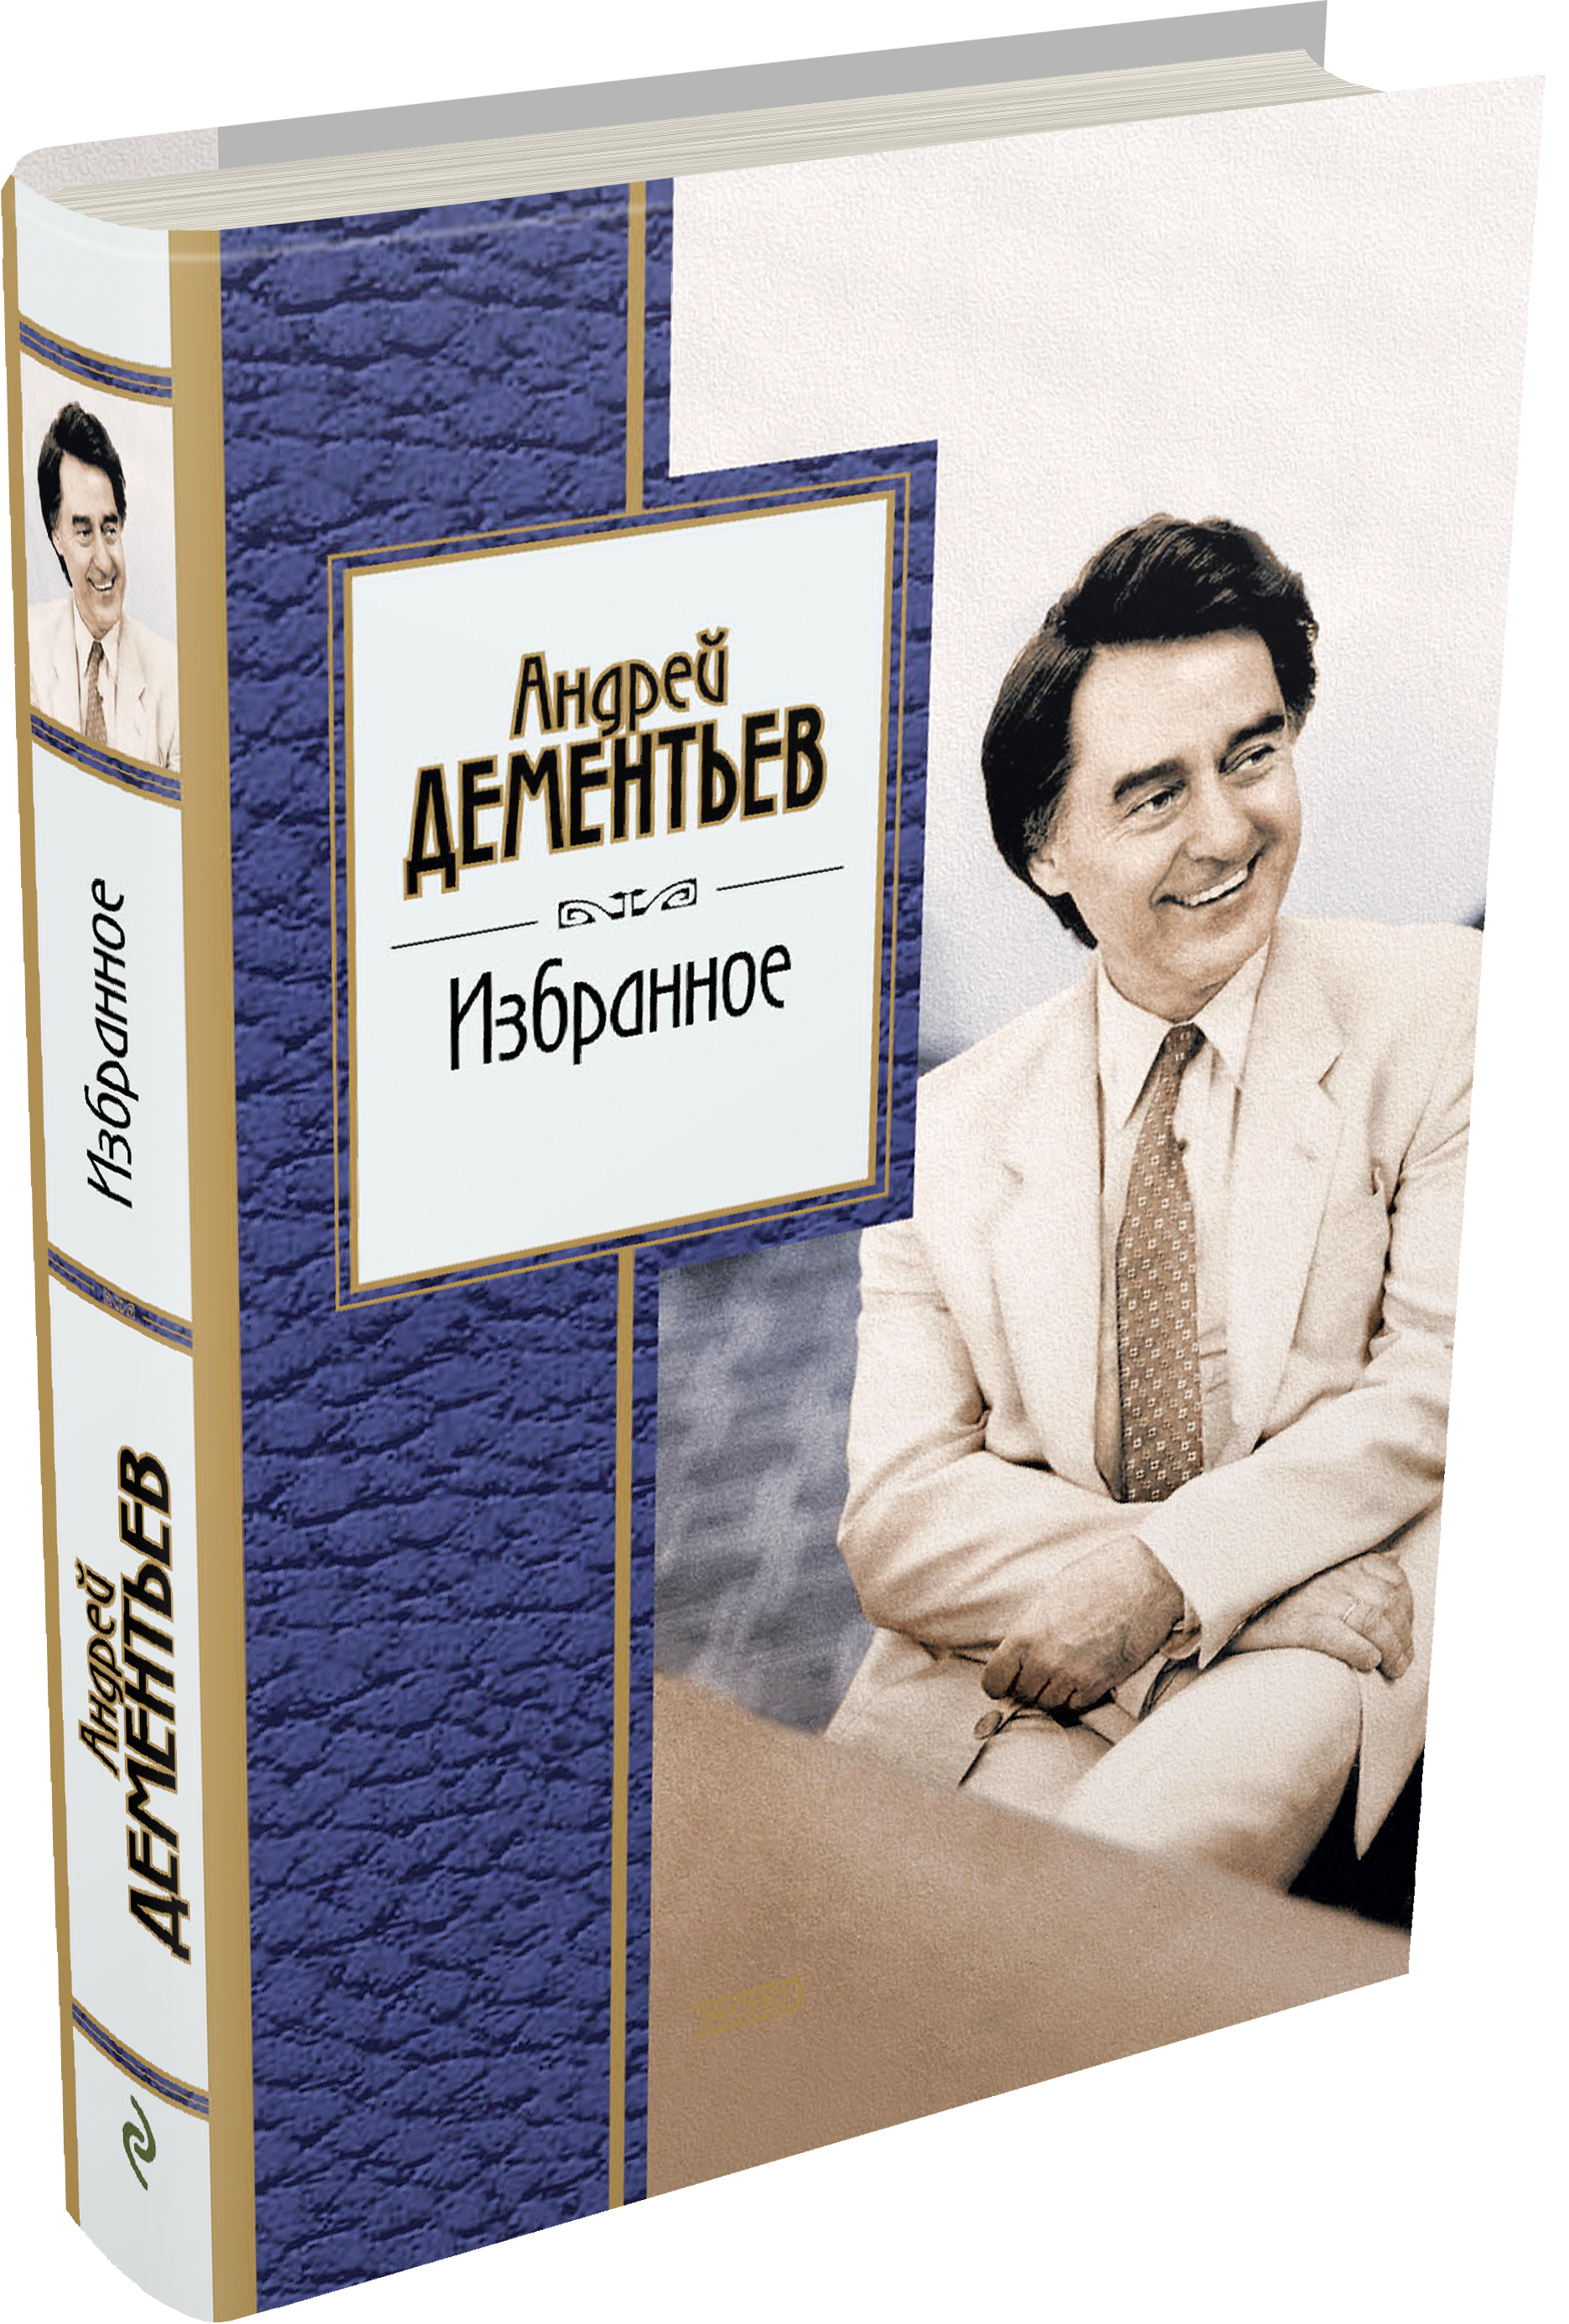 Дементьев А.Д. Избранное избранное кожа